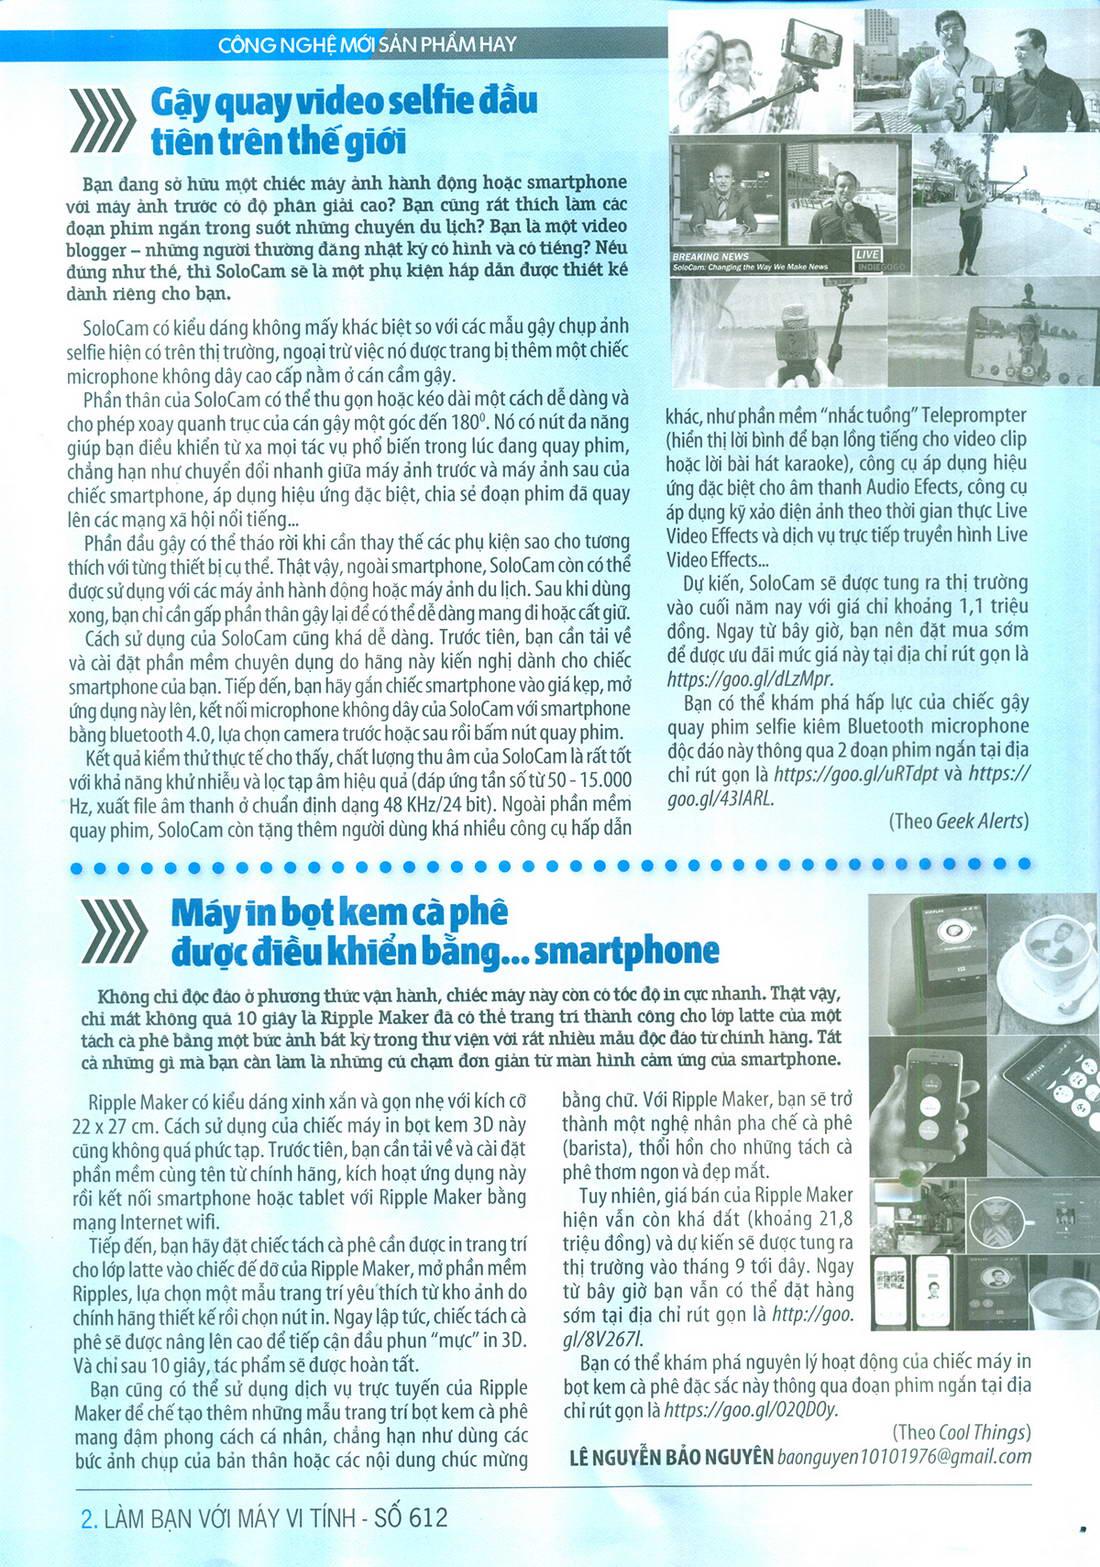 Lam ban vo may vi tinh 612 - tapchicntt.com